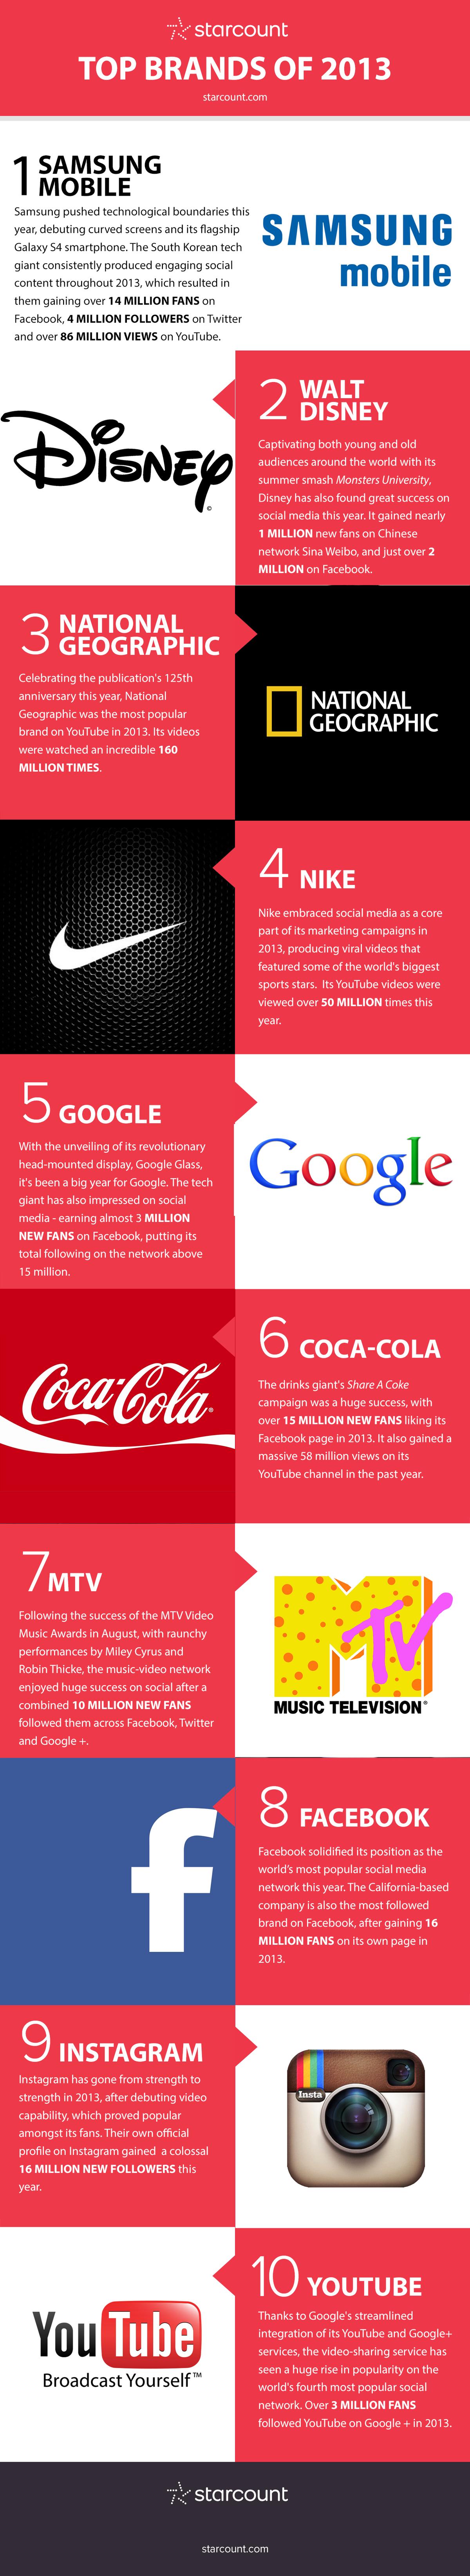 top-brands-2013-1